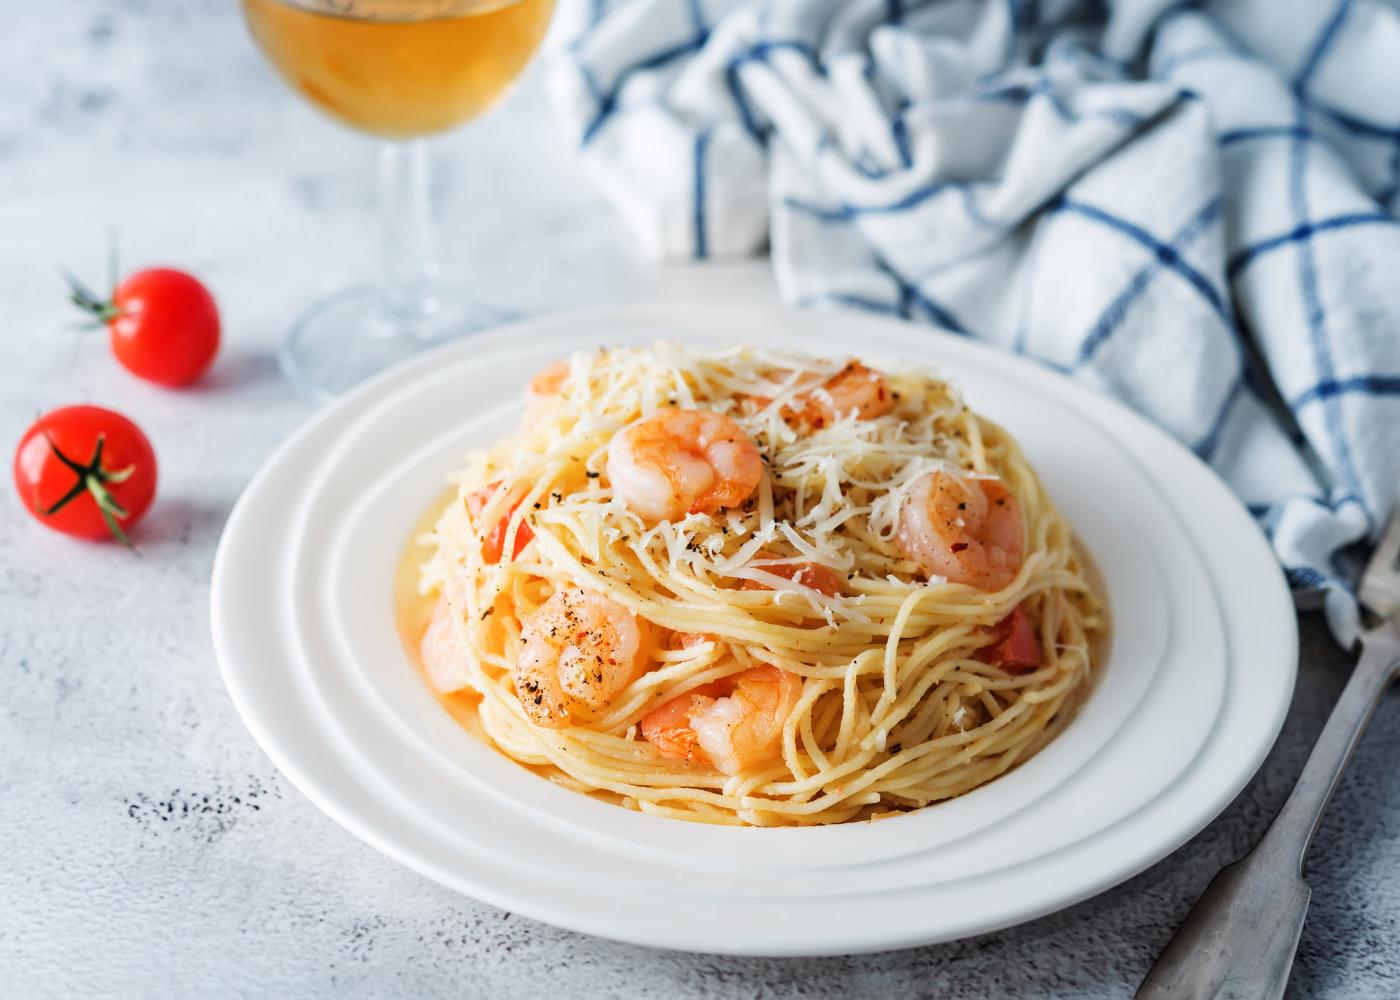 prato de massa com camarão e peixe